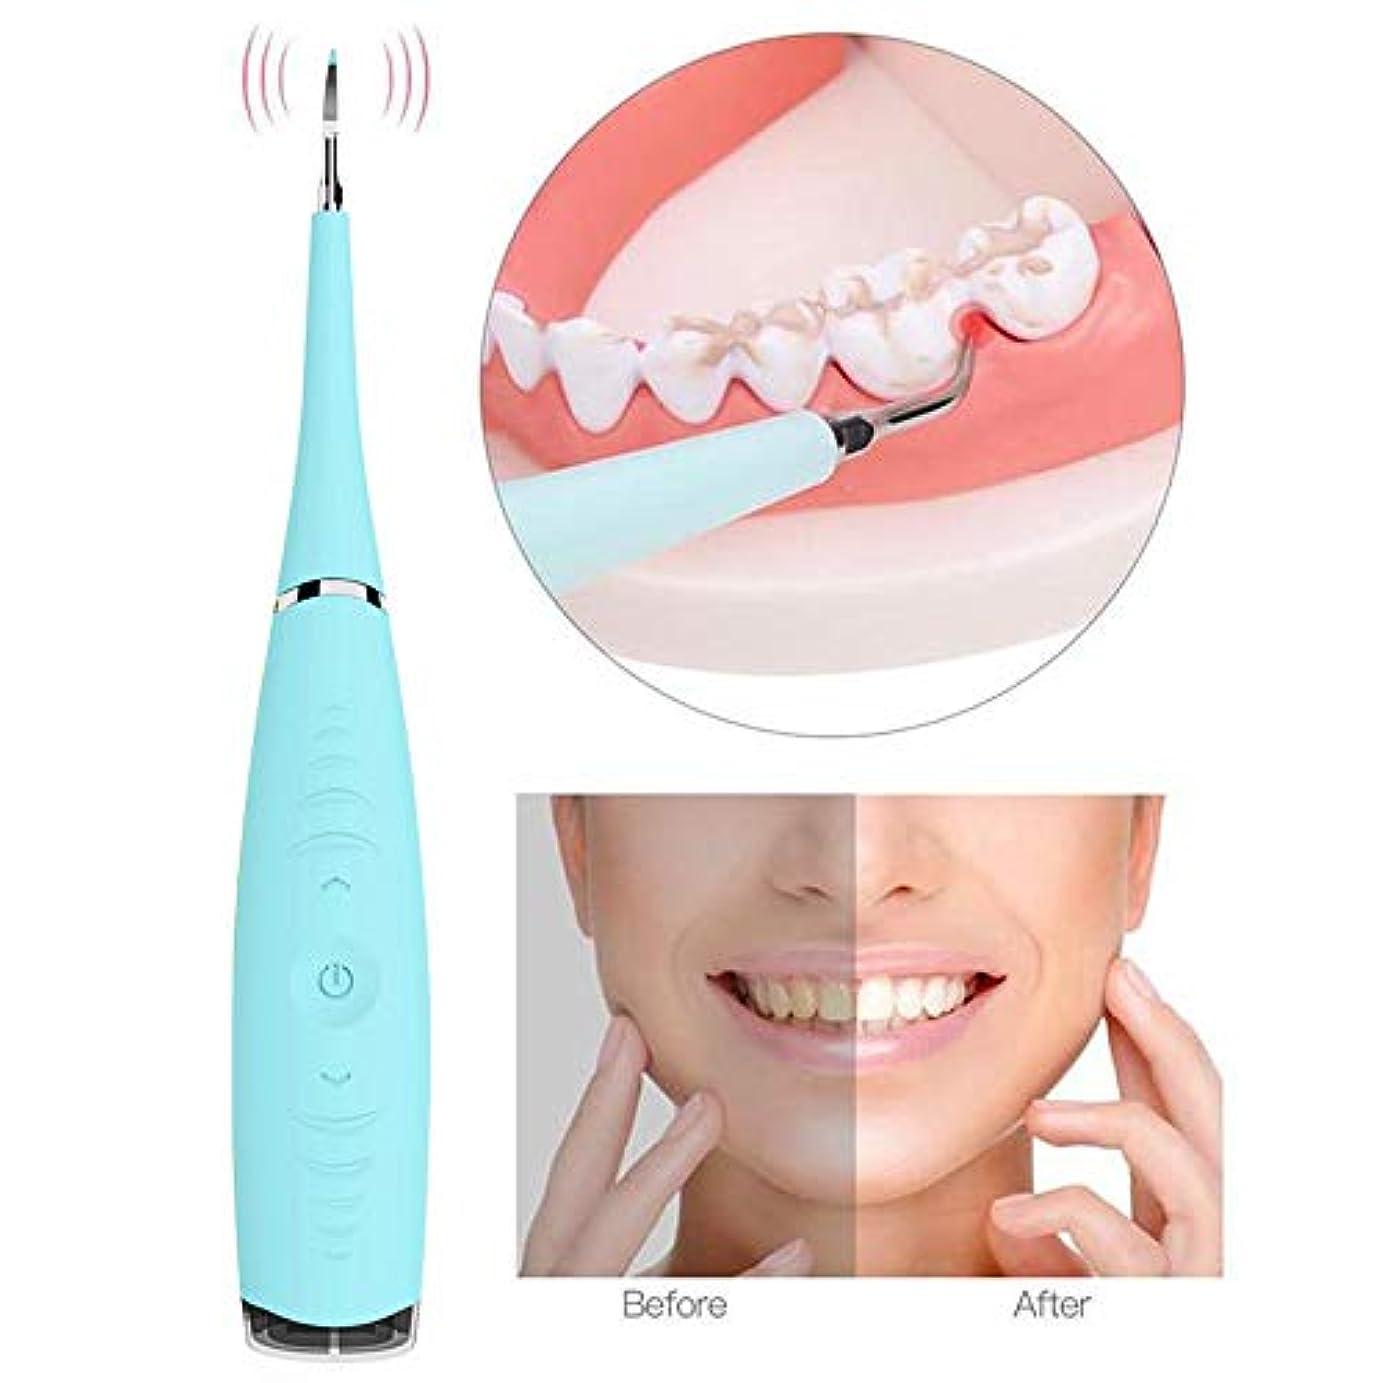 経度アクション分析的な歯石除去ホワイトニング歯石除去ポータブル家庭用歯石プラーク除去歯磨き粉用健康口腔衛生